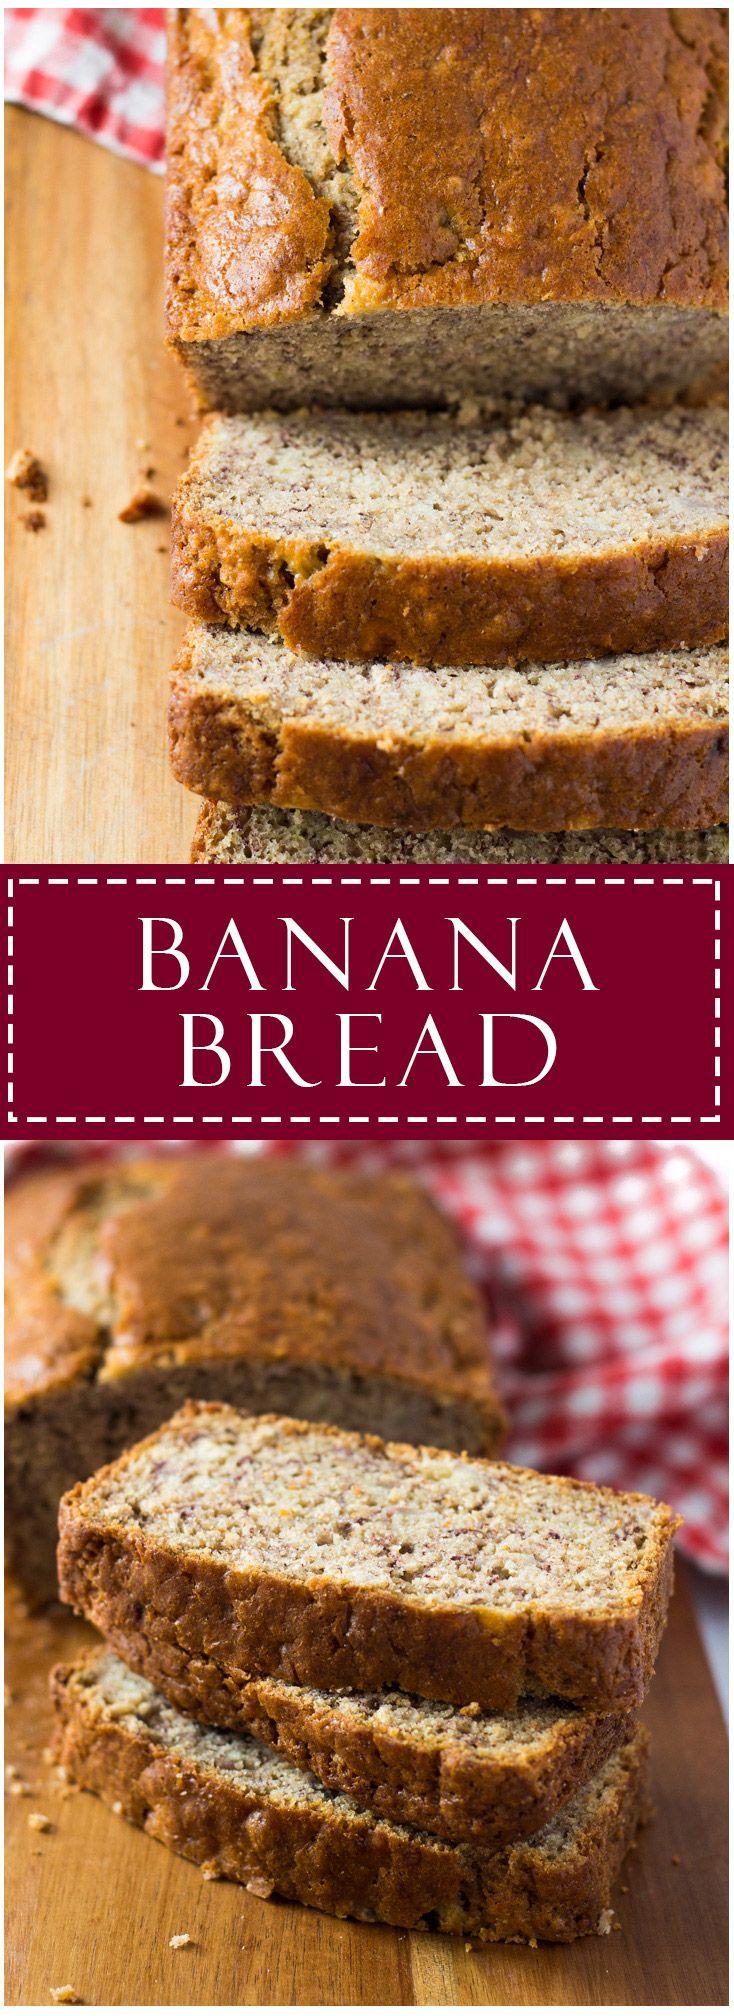 Banana Bread | Marsha's Baking Addiction [ad]